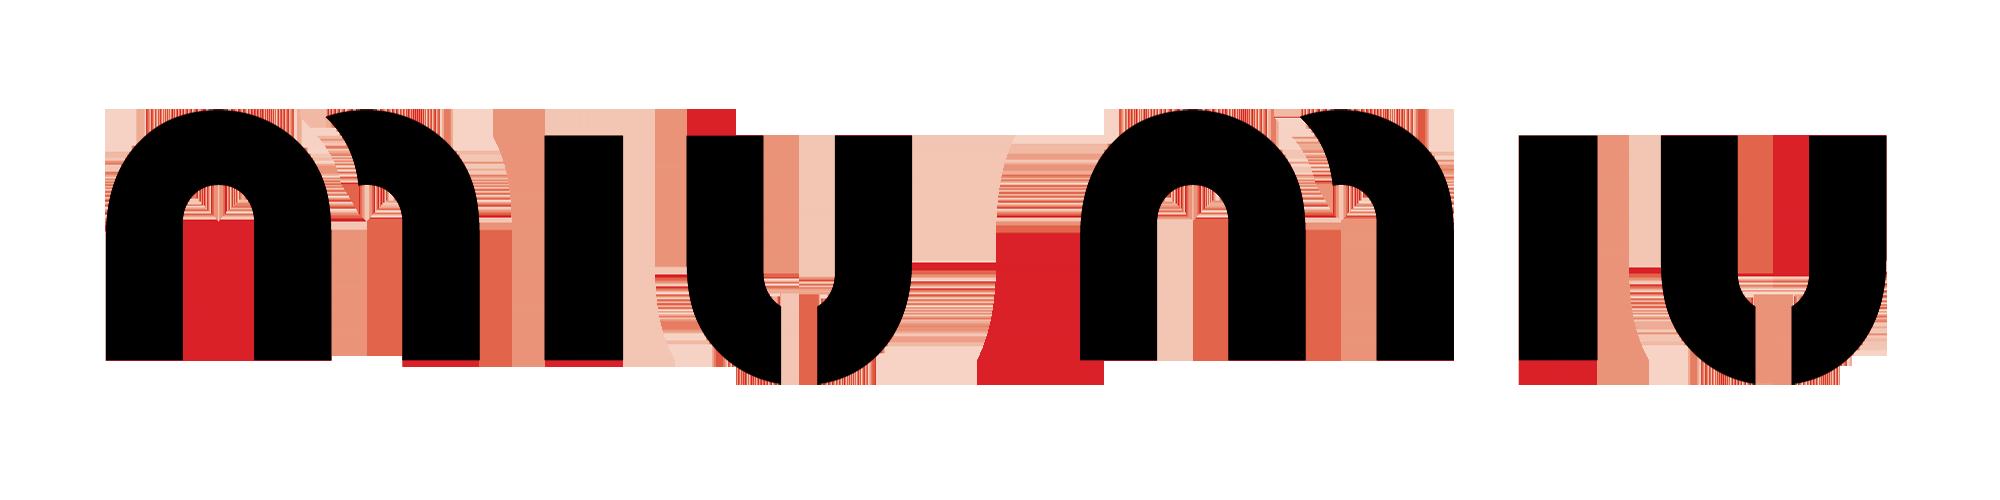 logo_miu_miu